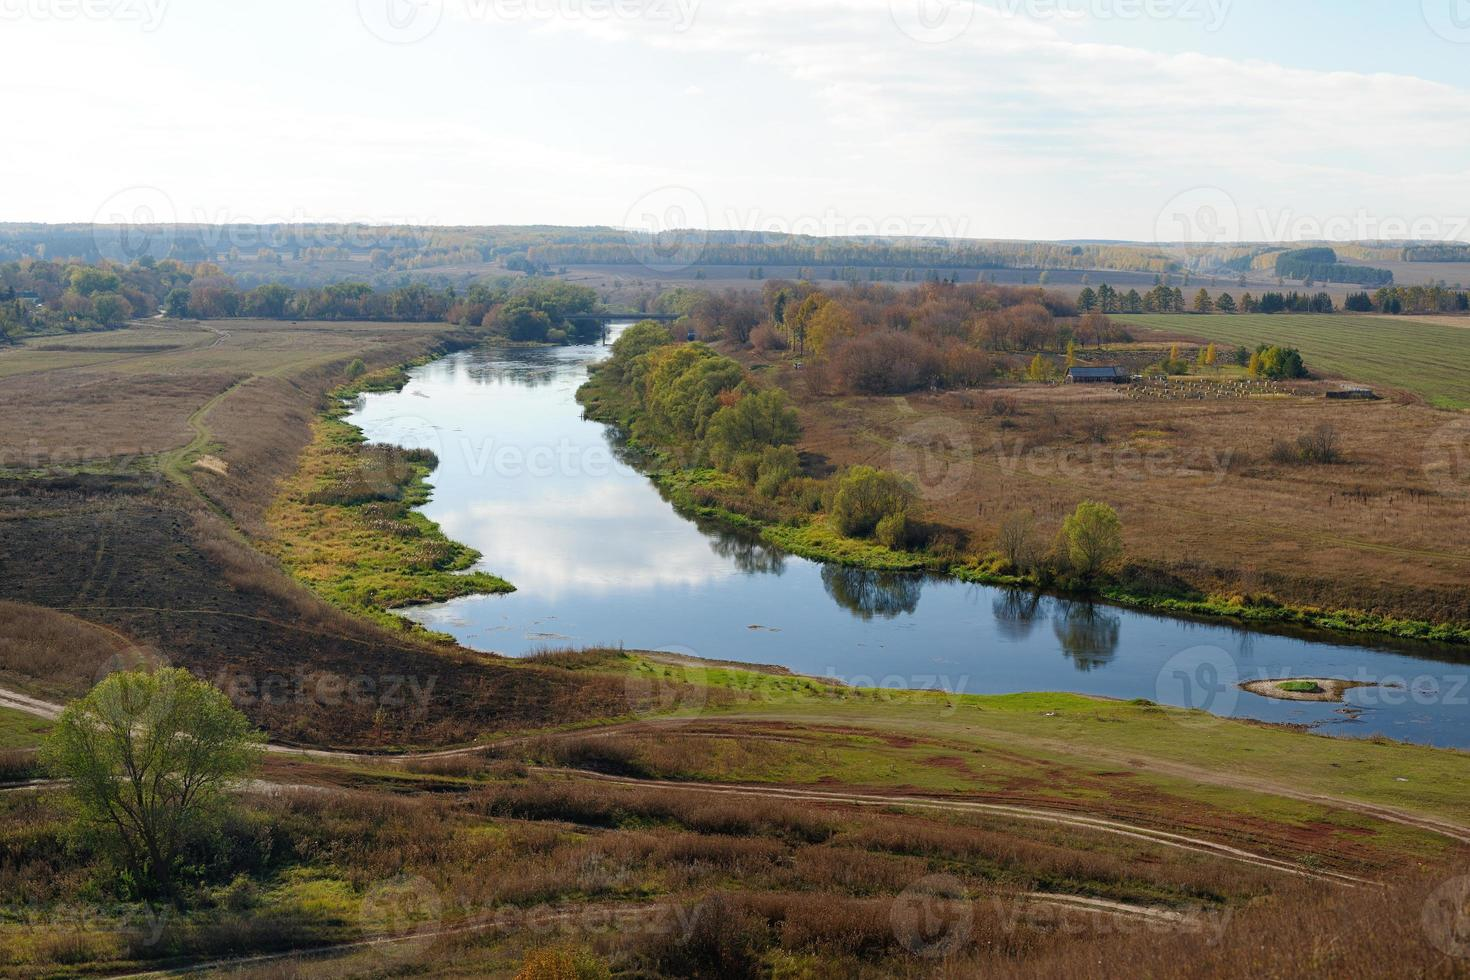 Campos de otoño y río estrecho con reflejos de nubes. foto